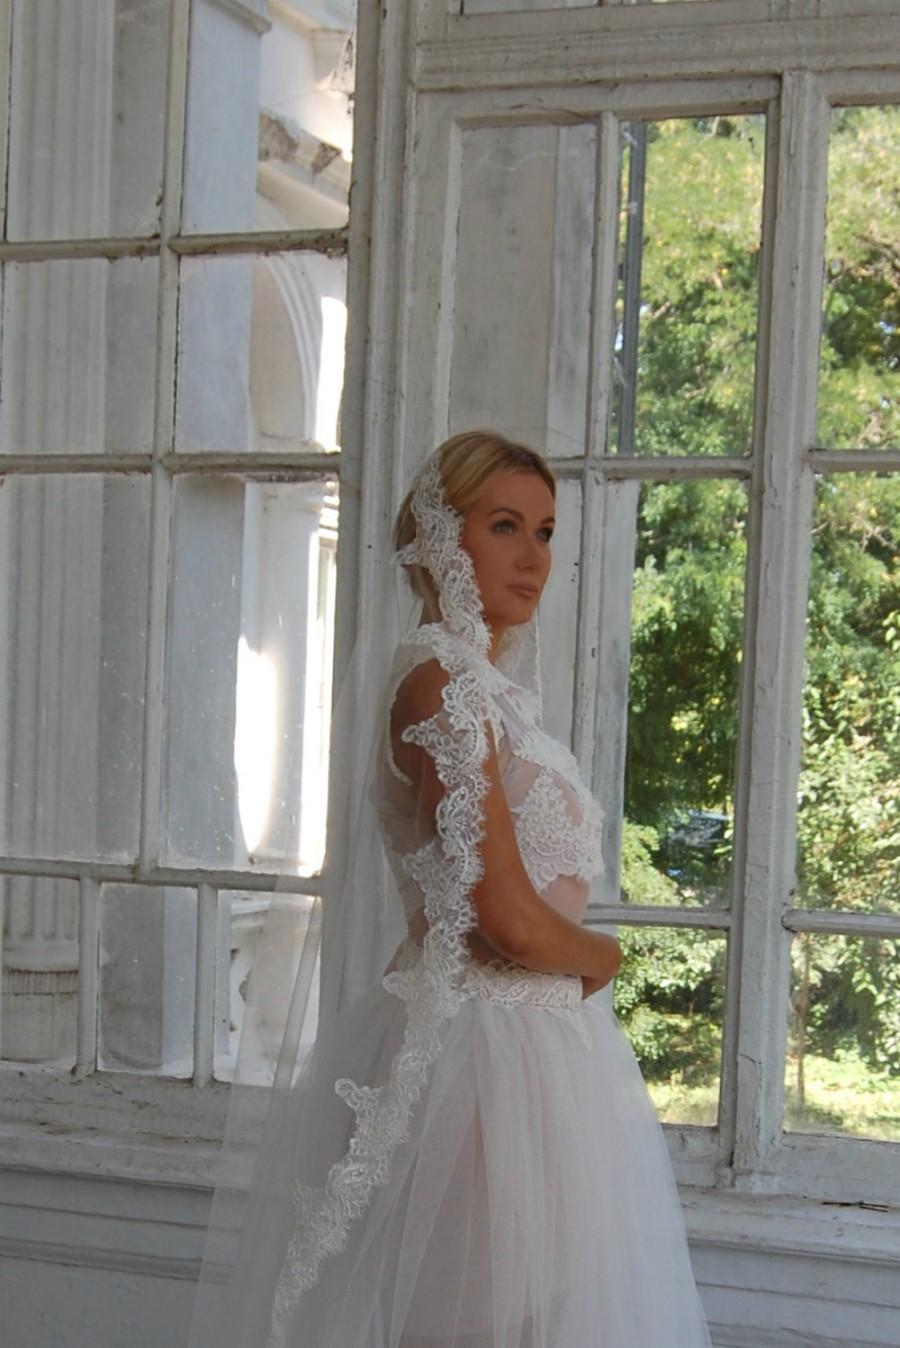 Свадьба - Mantilla veil, lace veil, Lace Wedding Veil, Unique Mantilla Veil, English Net Veil, Lace Veil, Blush Veil, STYLE 048  BELLA